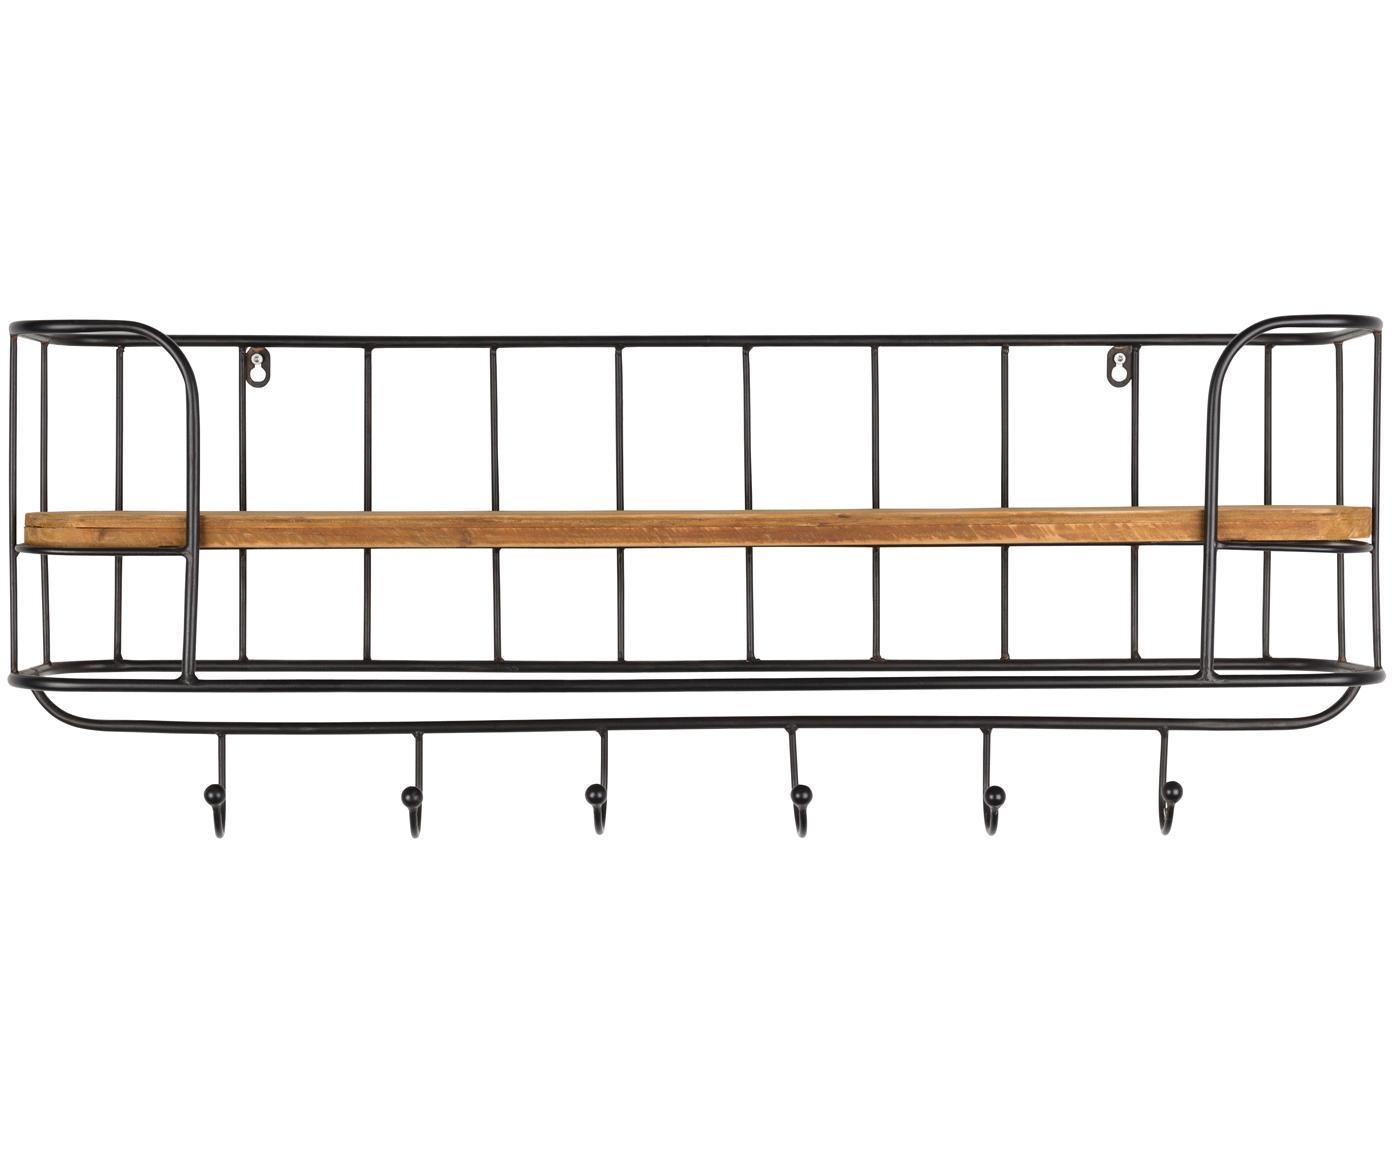 Wandrek Stack met haken, Frame: gelakt metaal, Plank: onbehandeld hout, Frame: zwart. Plank: bruin, 85 x 32 cm